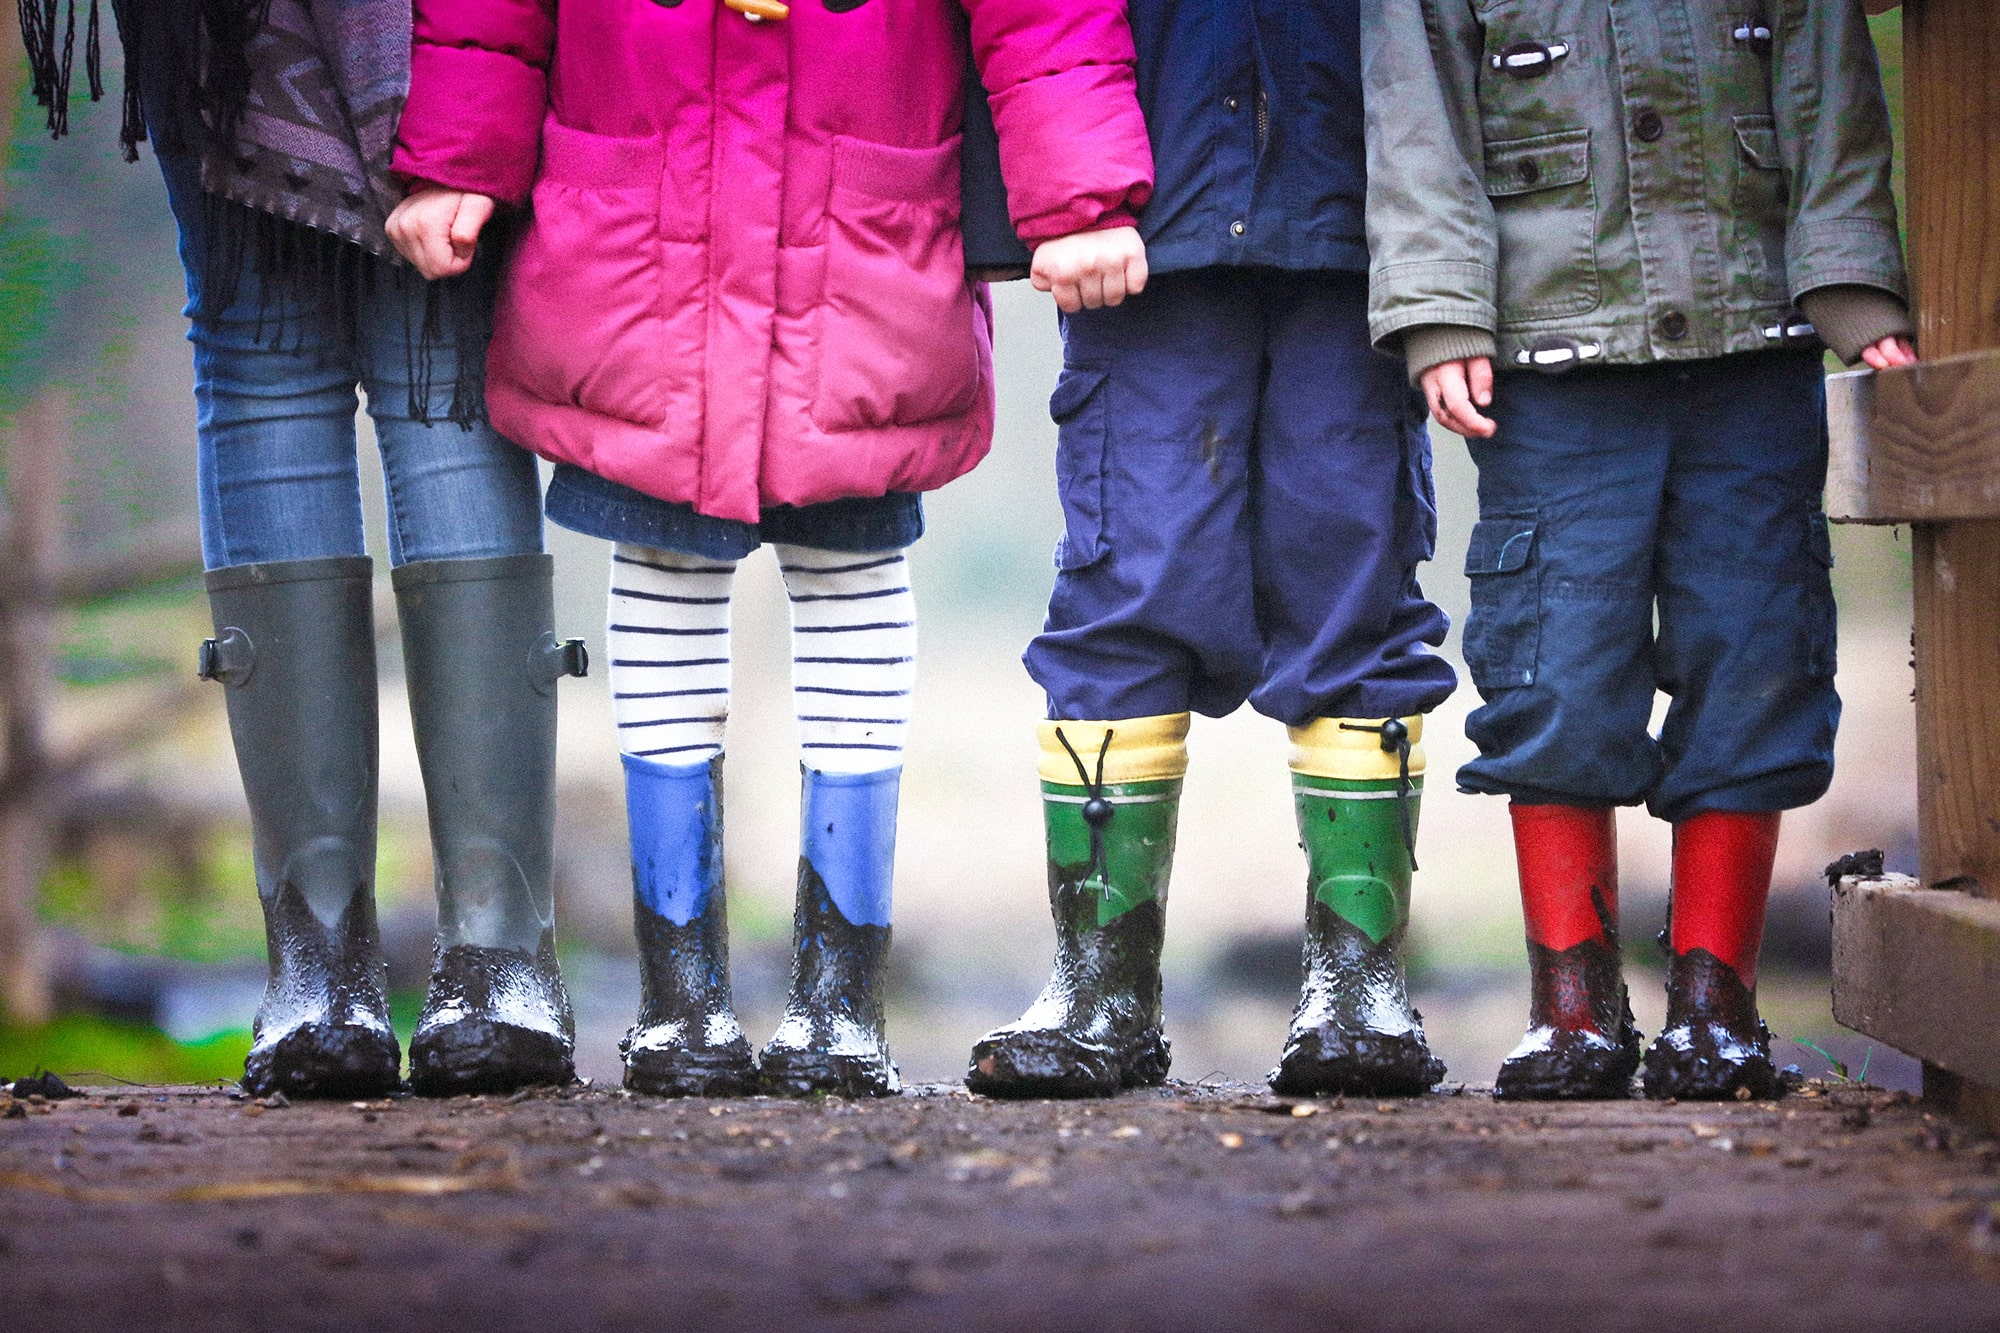 Vier Kinder mit bunten, schmutzigen Regenstiefeln